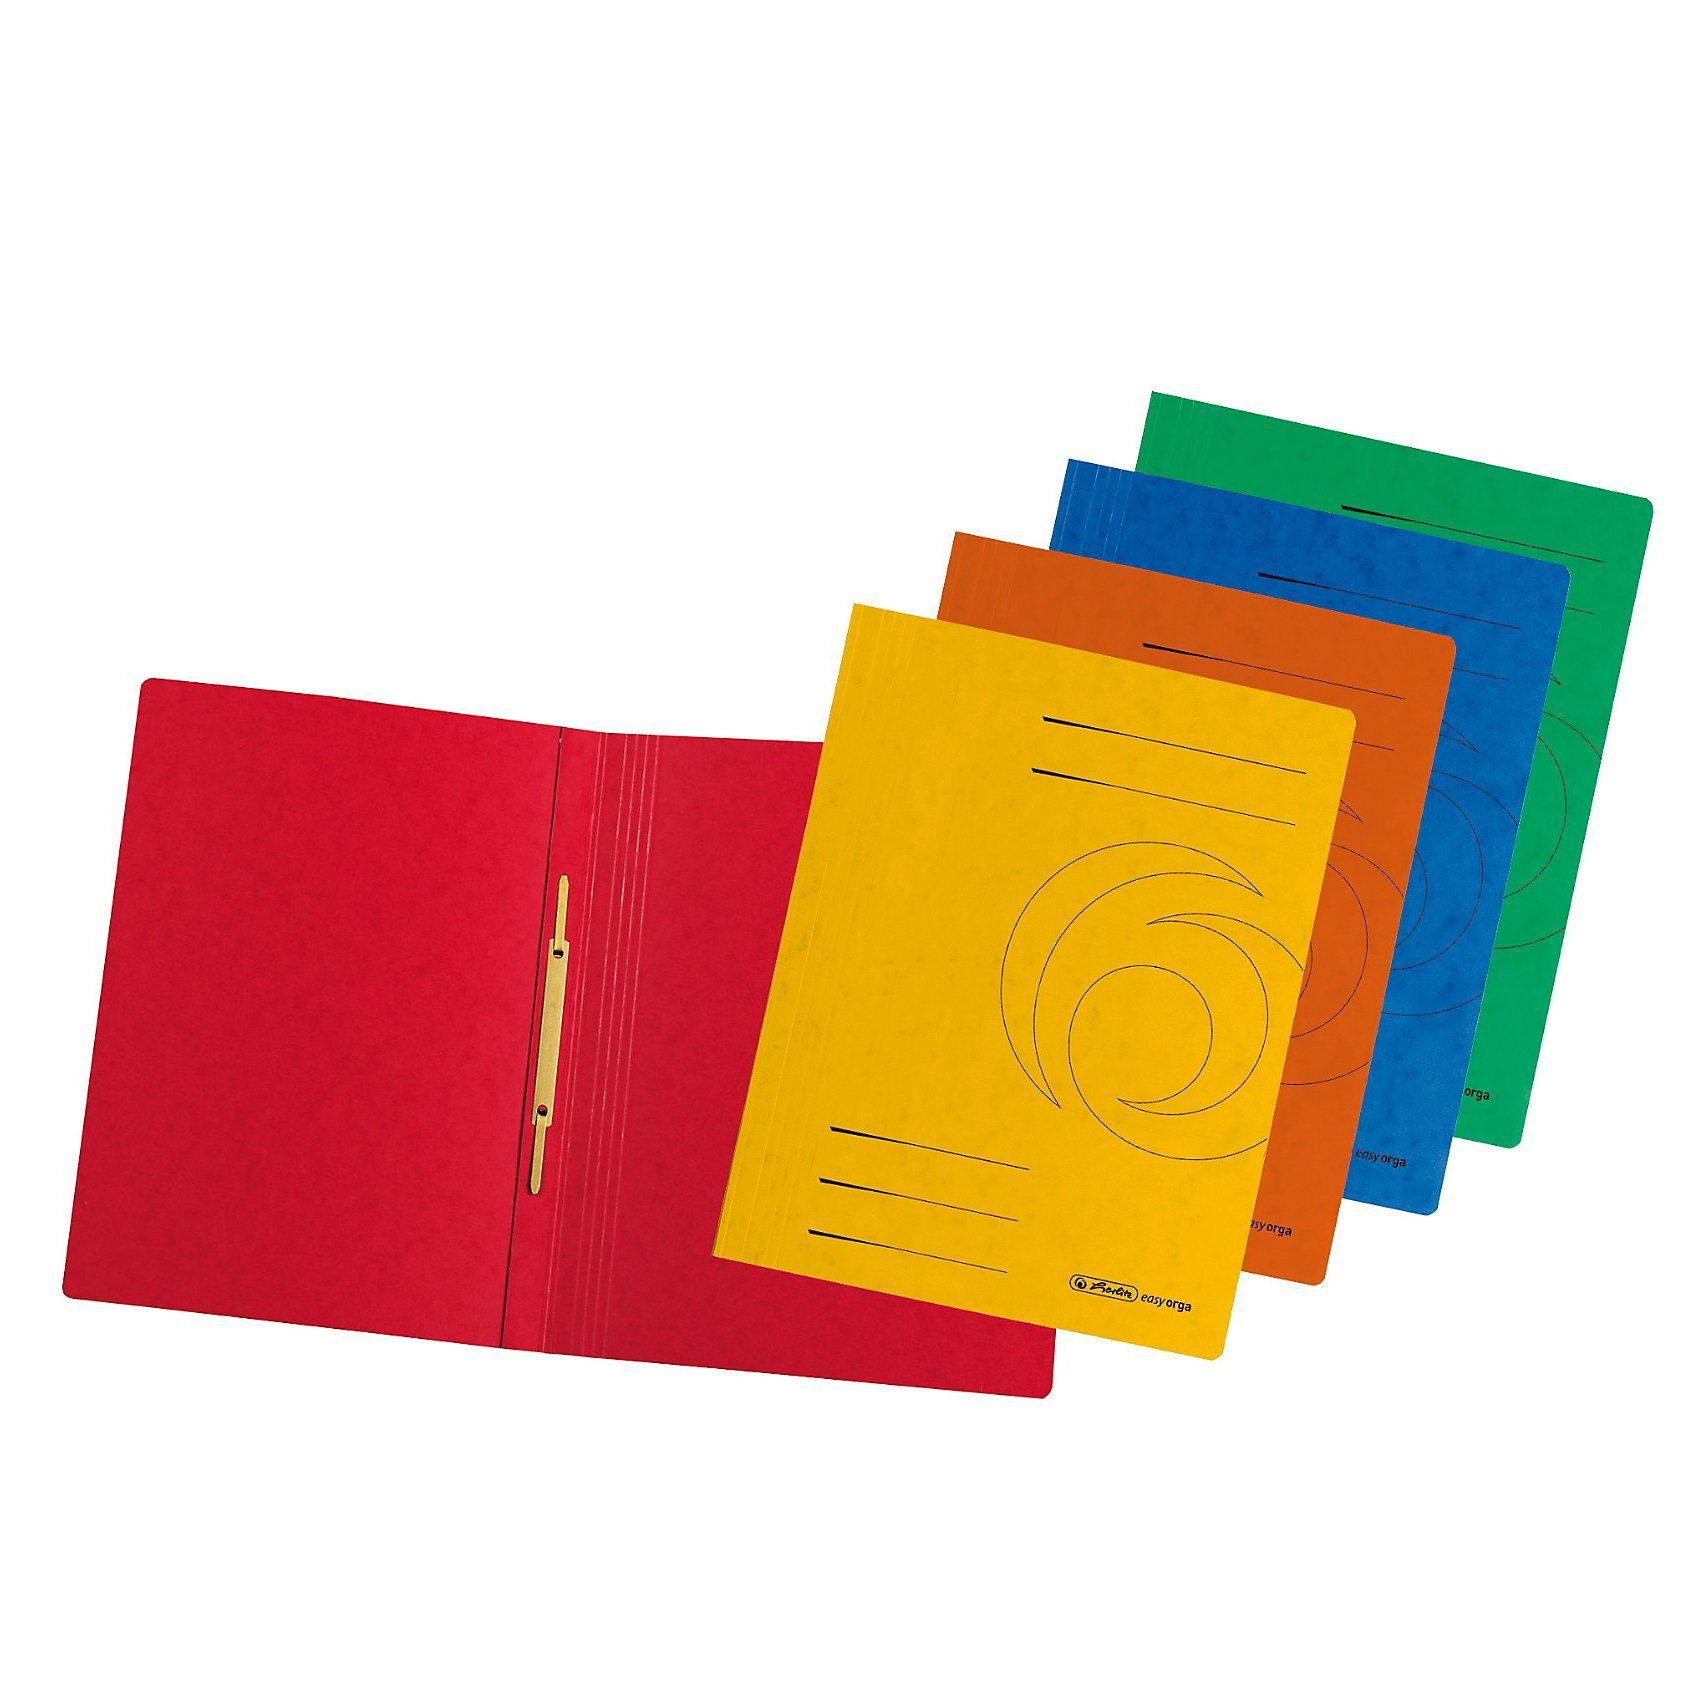 Herlitz Schnellhefter Karton, A4, 2 x 5 Farben, 10 Stück